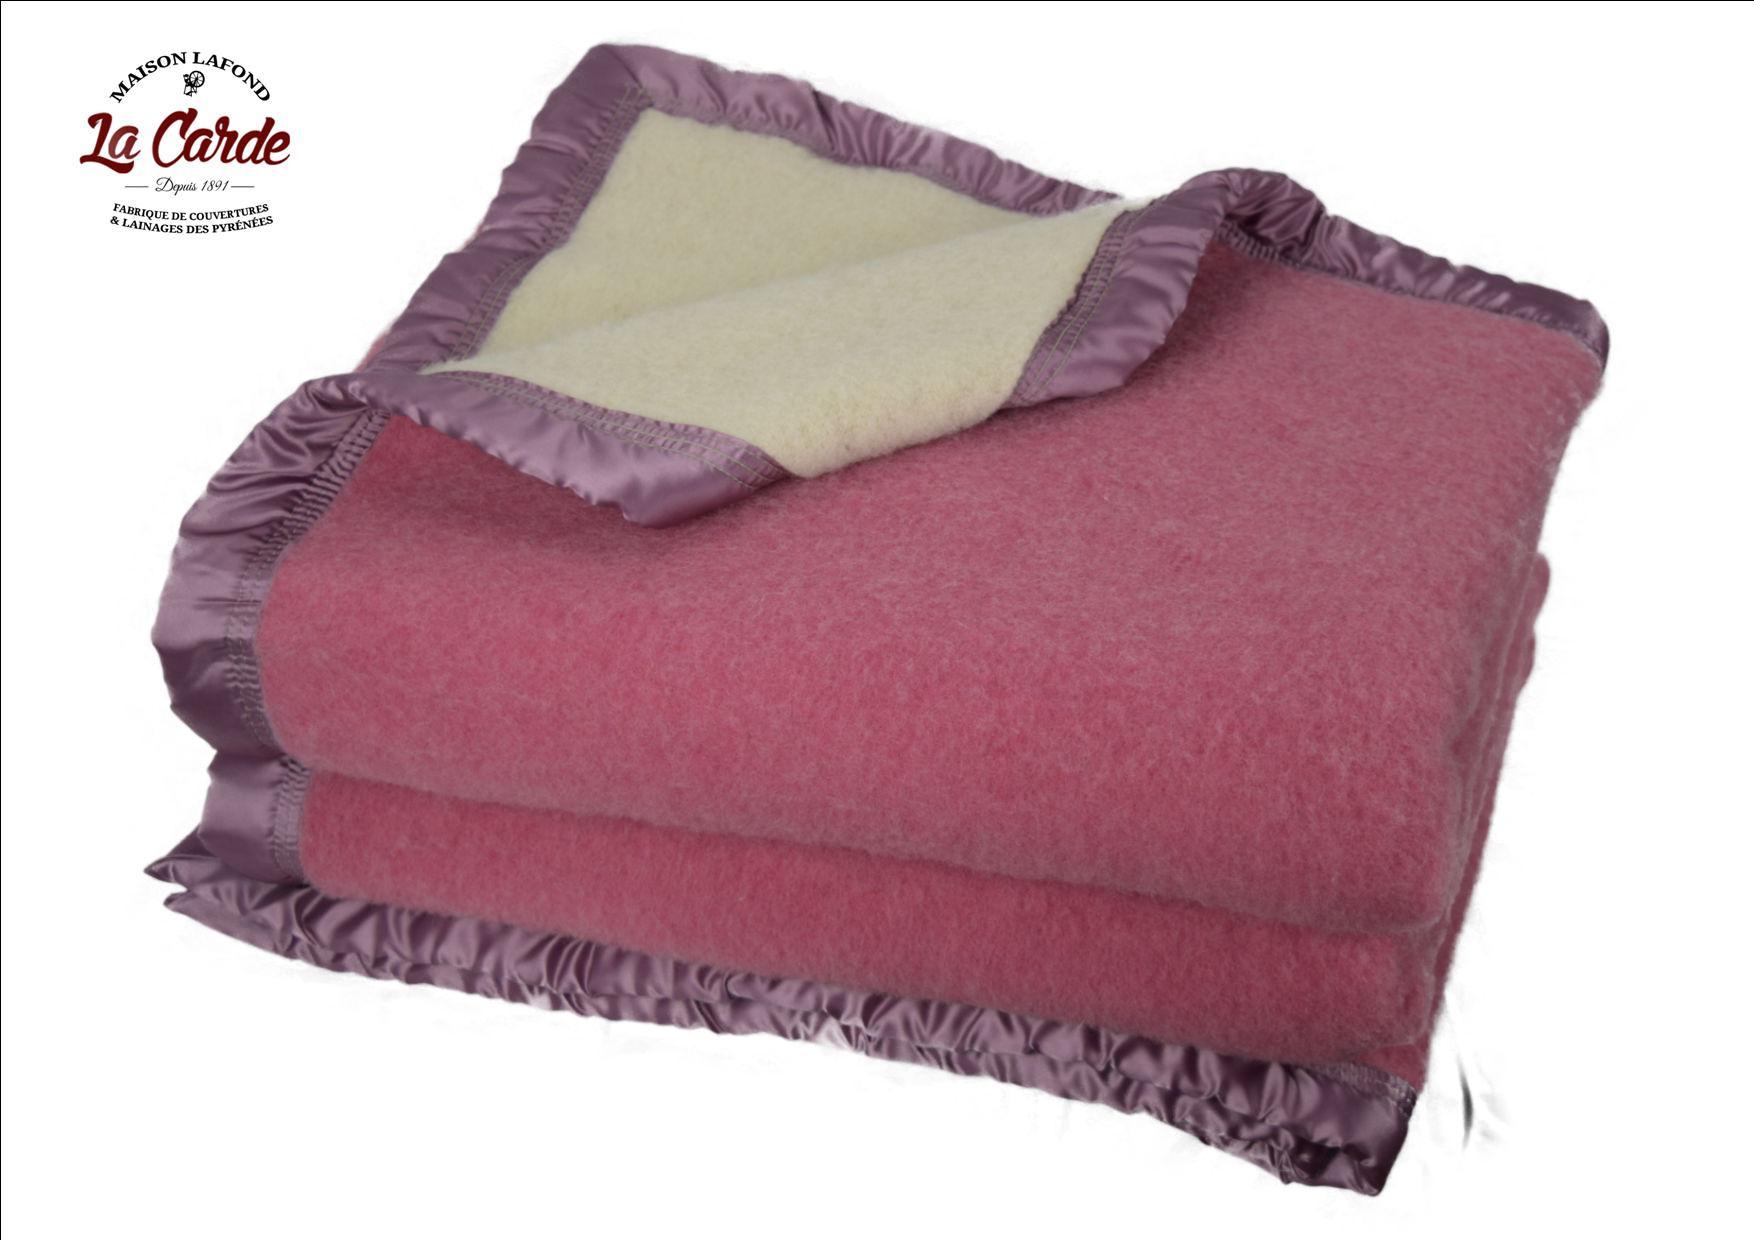 Couverture en laine - Couleur rose